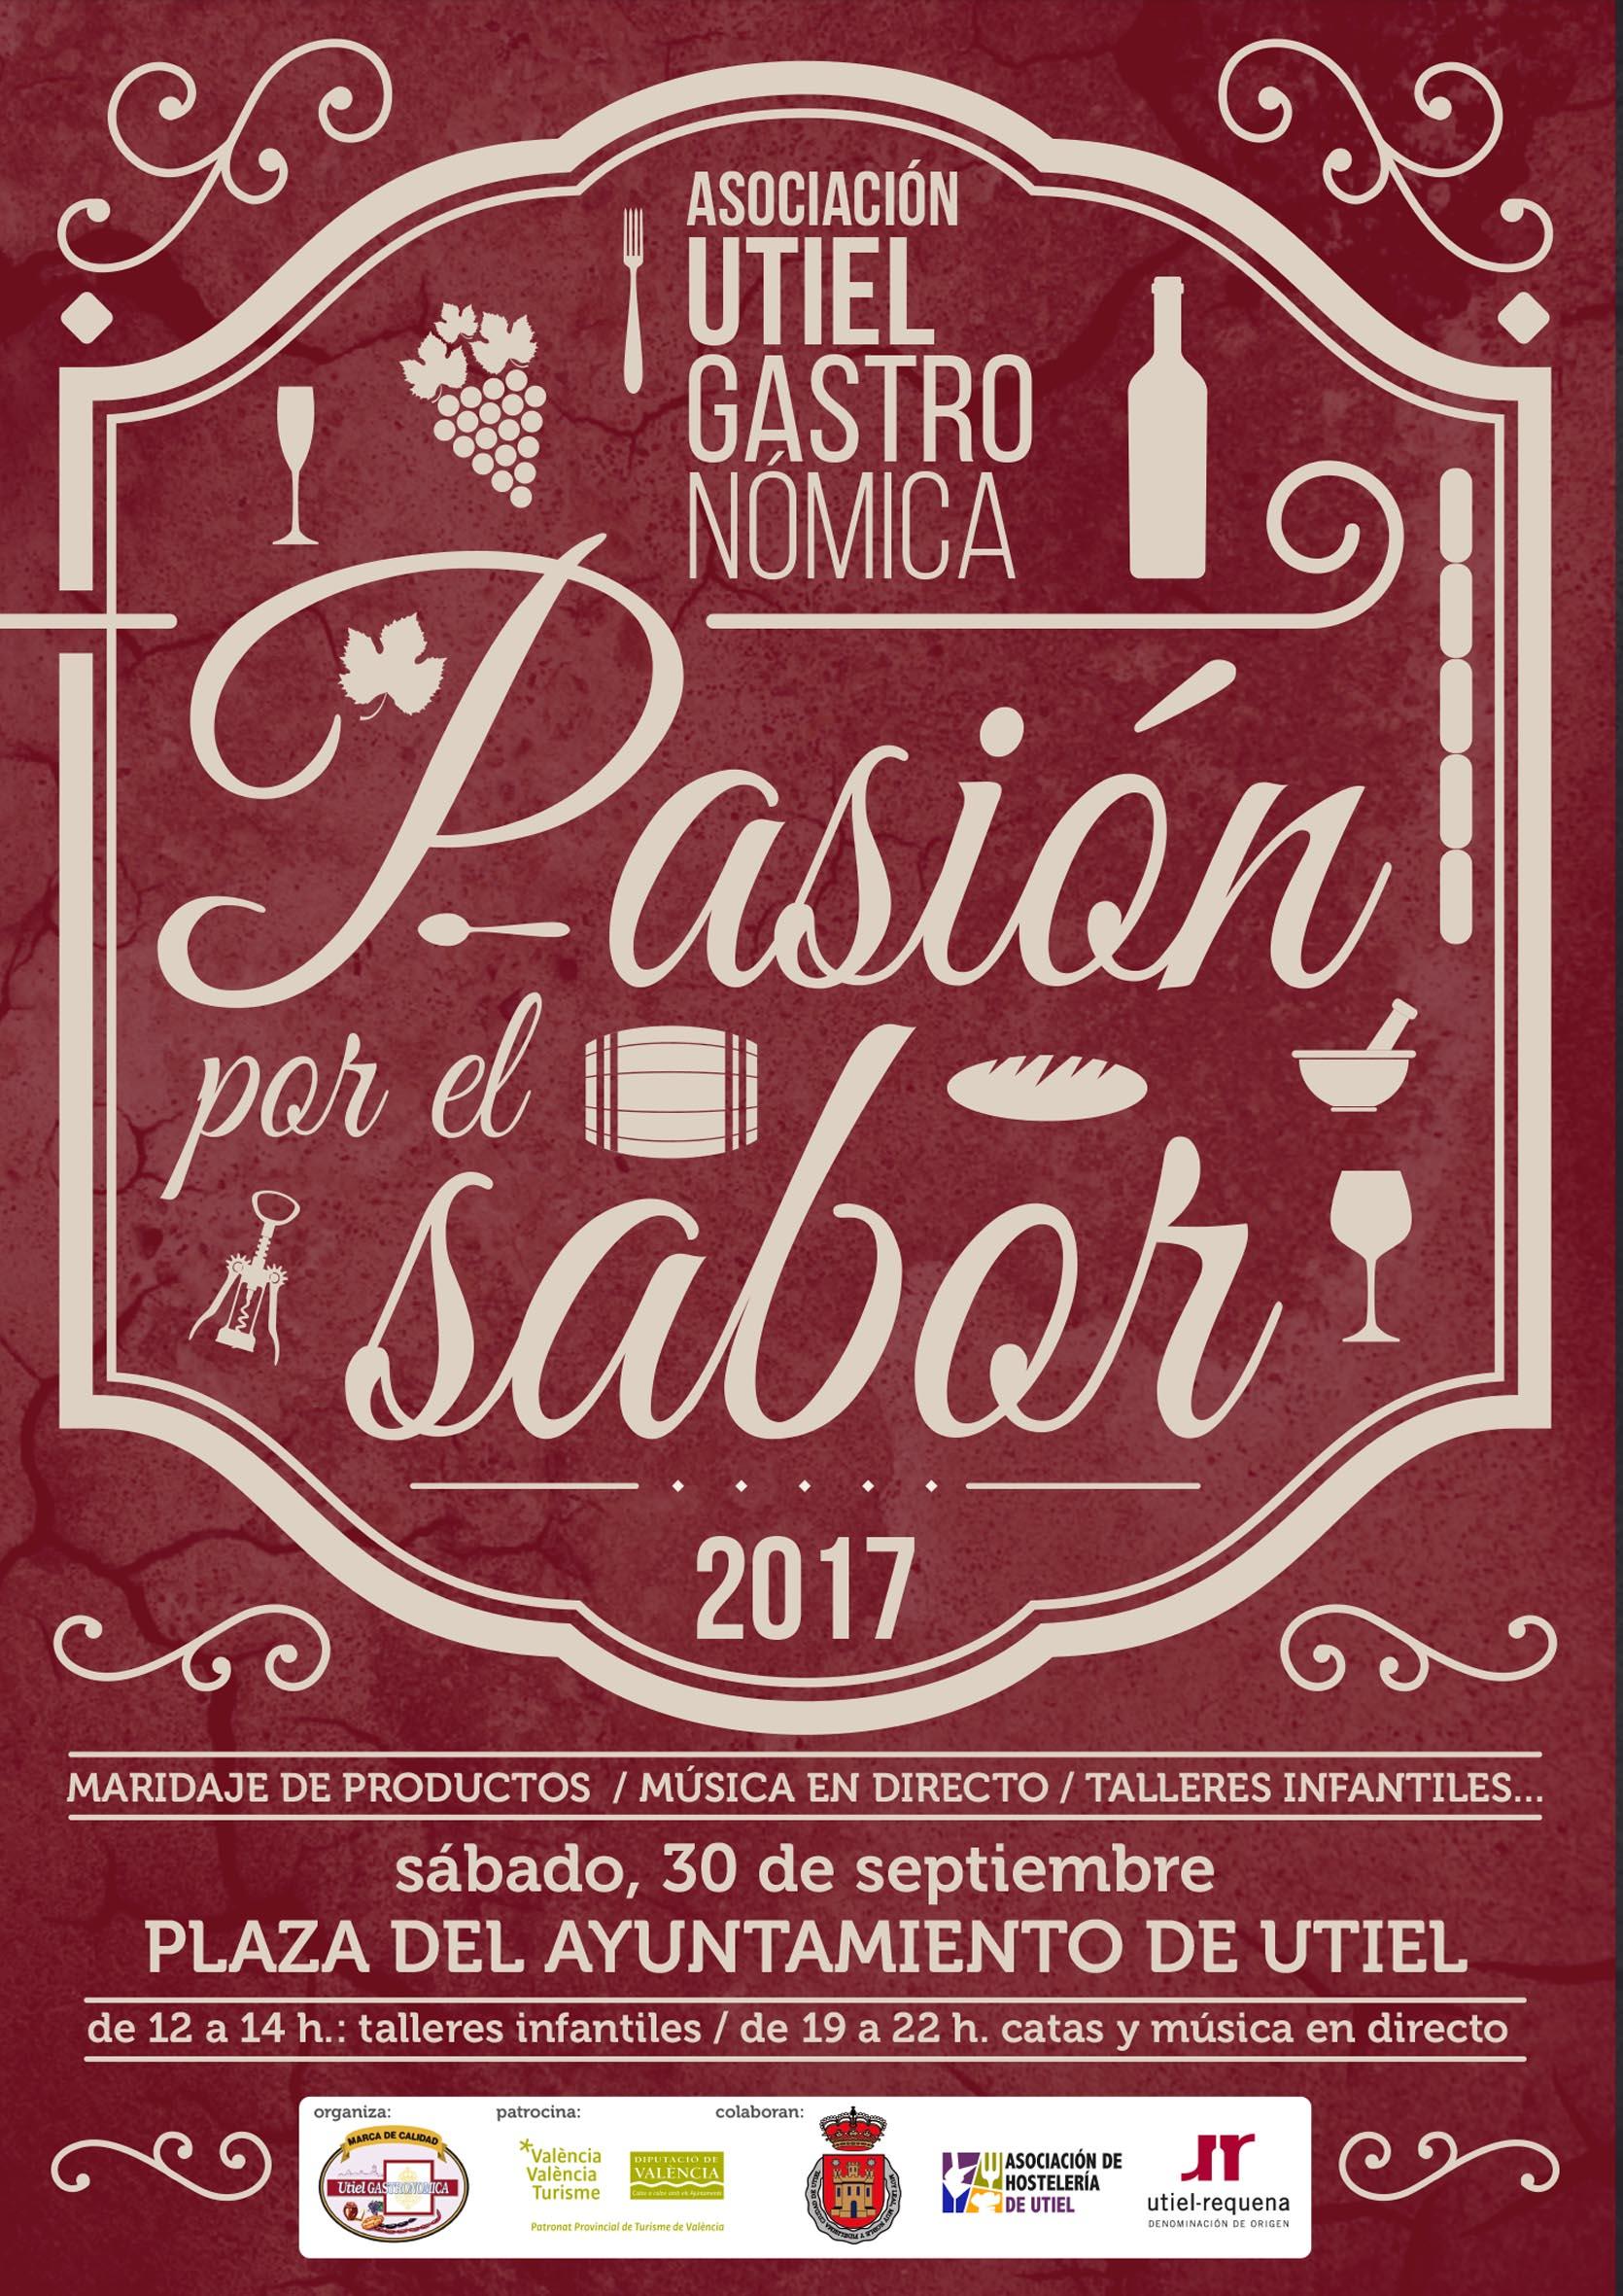 Cartel de la campaña organizada por Utiel Gastronómica.